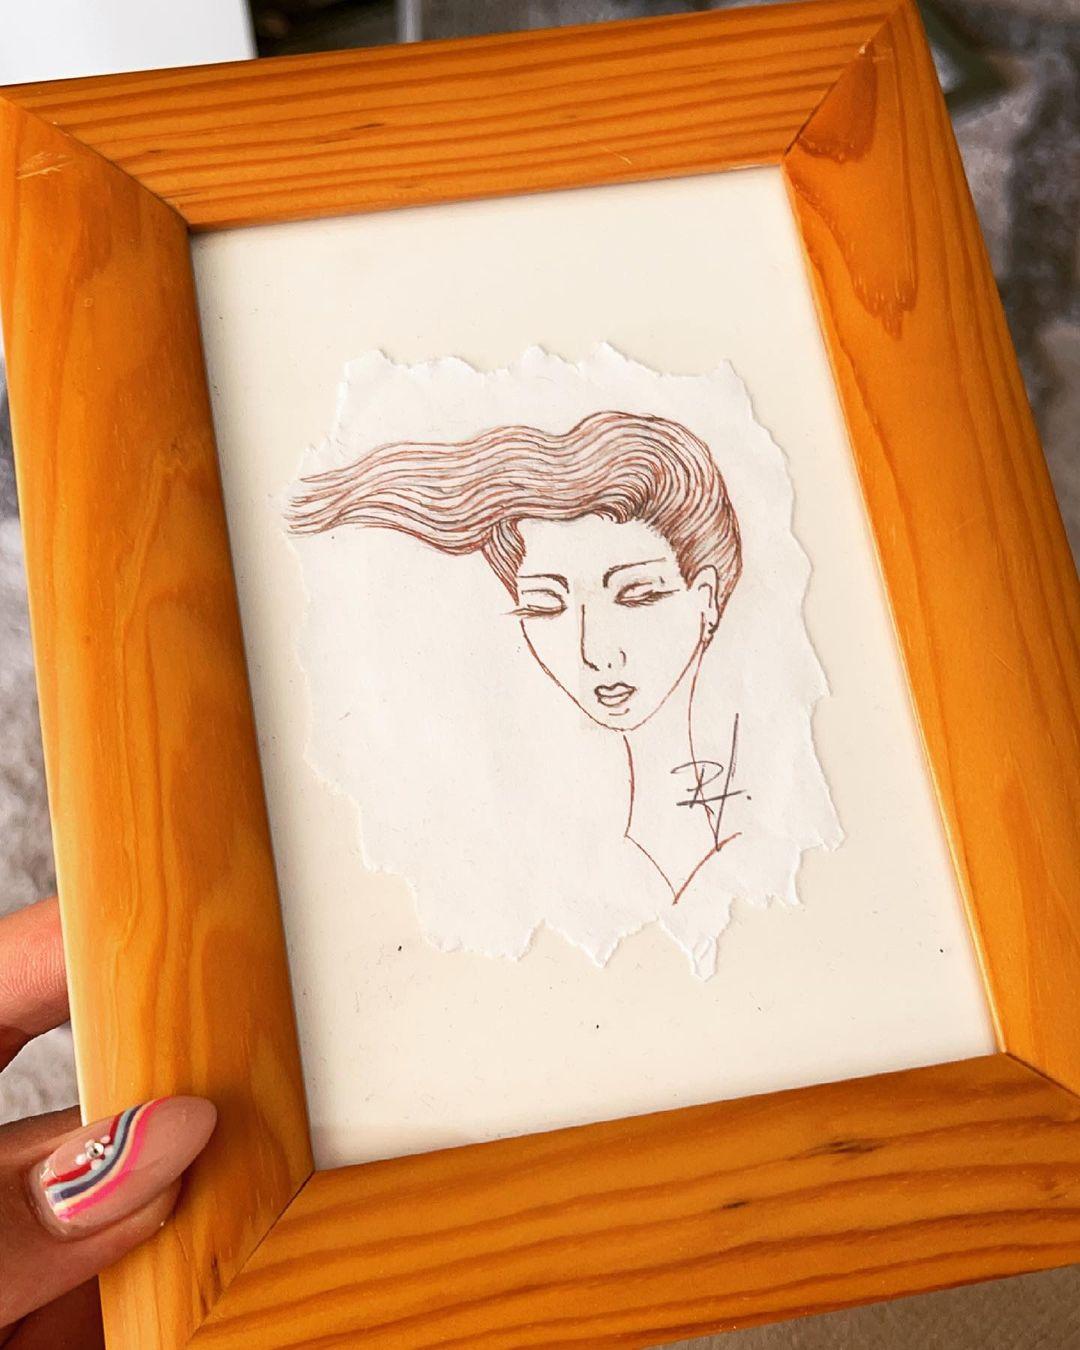 El dibujo de Kel hecho por Pato Araya